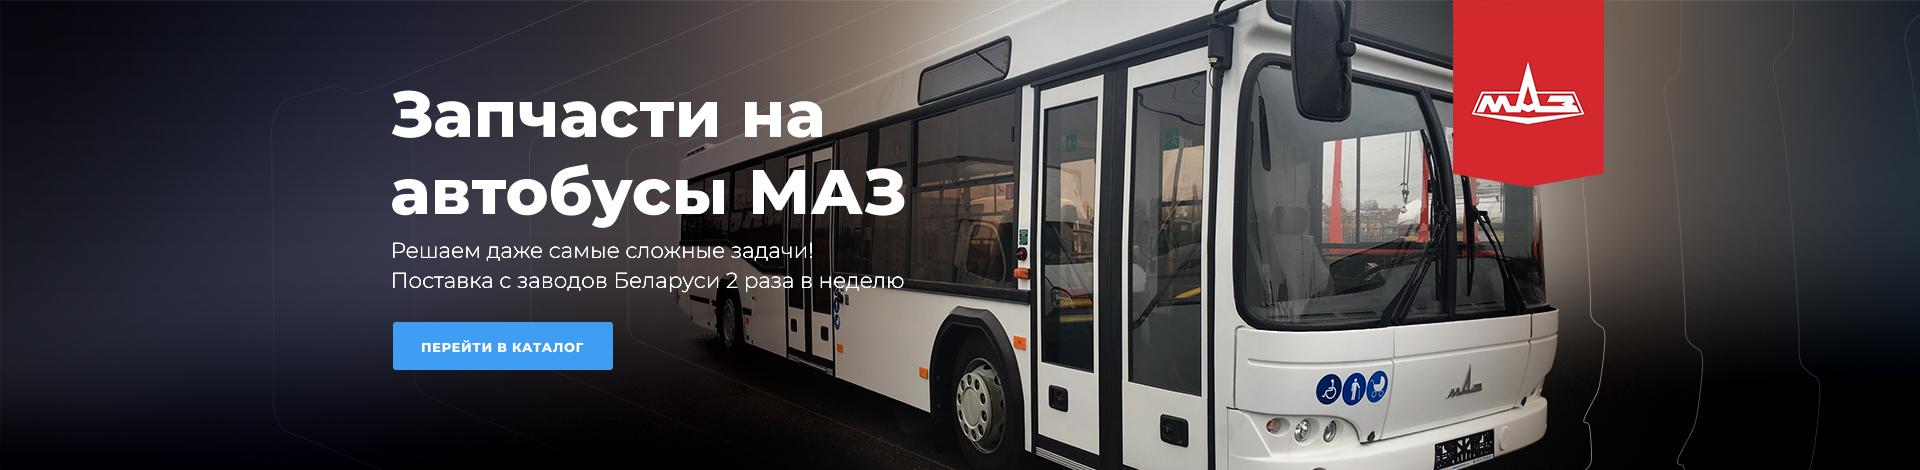 Запчасти на автобусы МАЗ